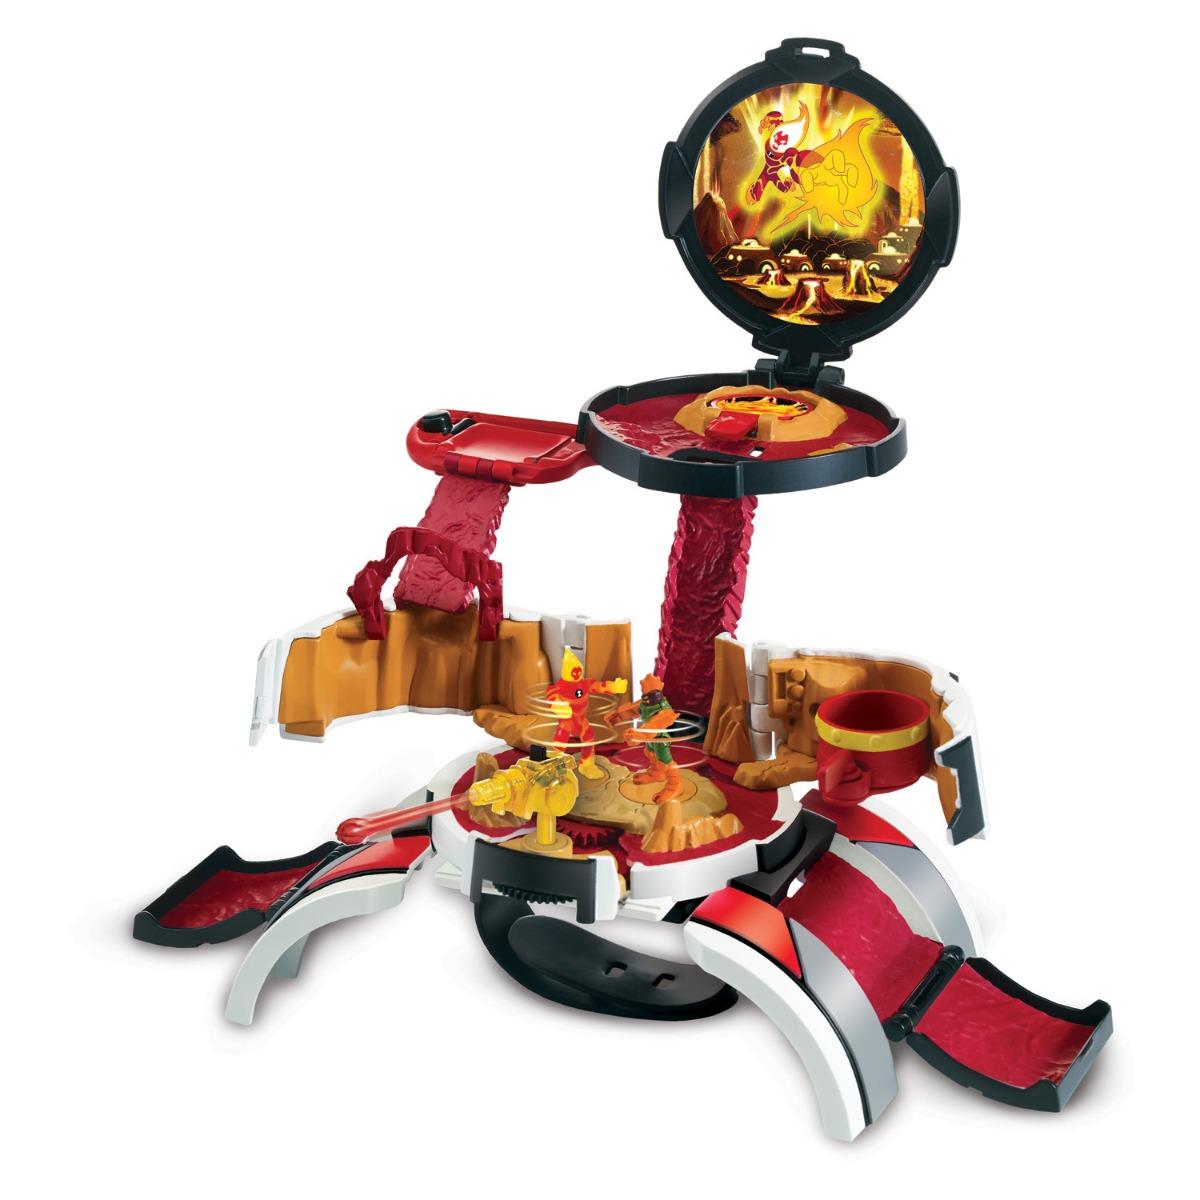 Set de joaca cu 2 minifigurine Micro World Omnitrix Ben 10, Torta Vie, 77721